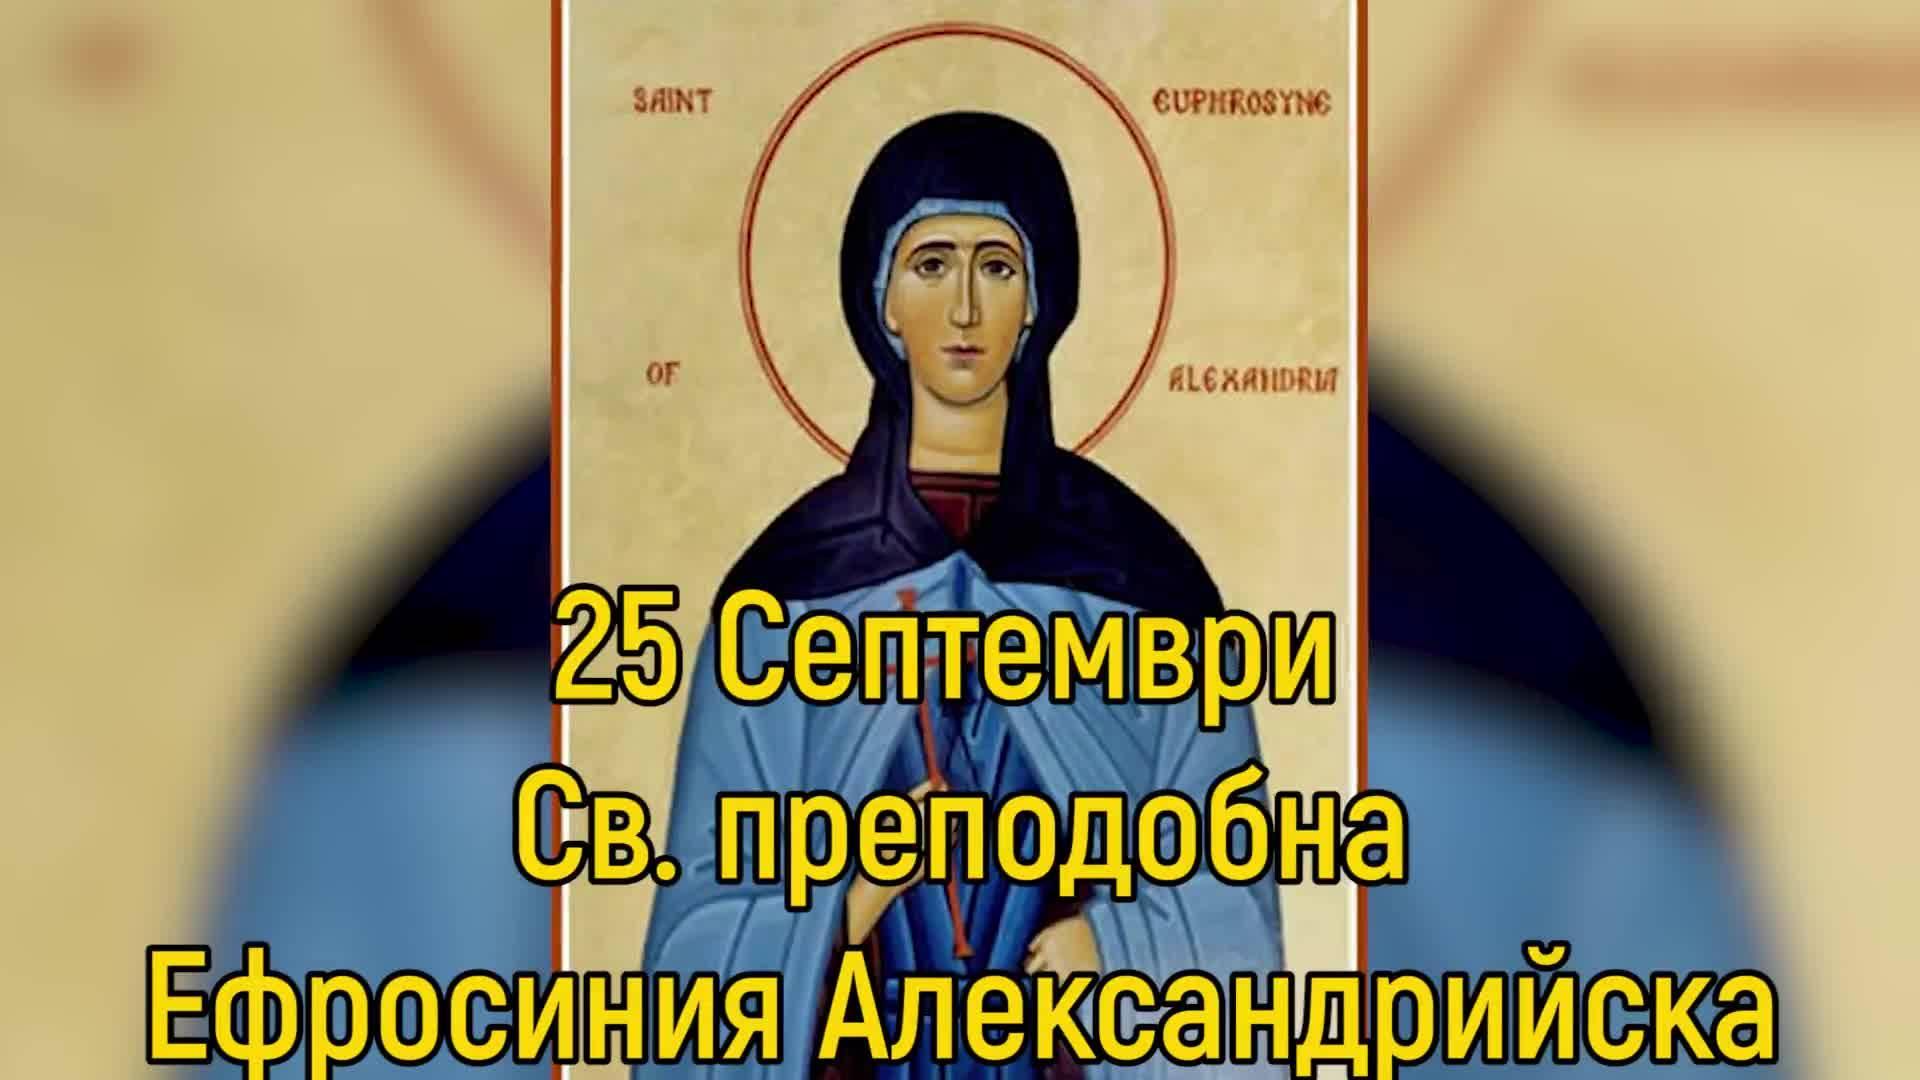 25 Септември Св. преподобна Ефросиния Александрийска